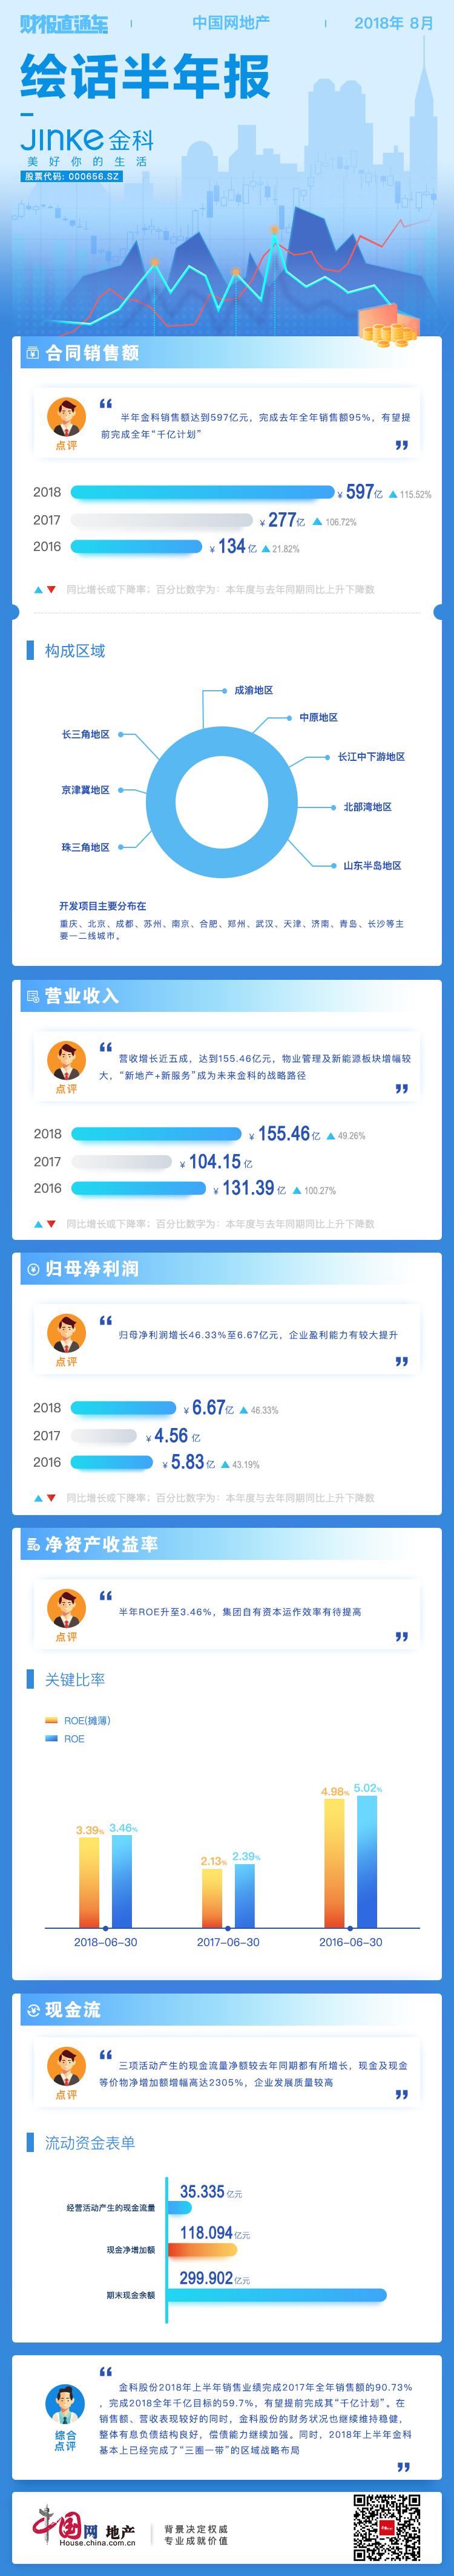 财报直通车 | 绘话半年报12期——金科股份-中国网地产